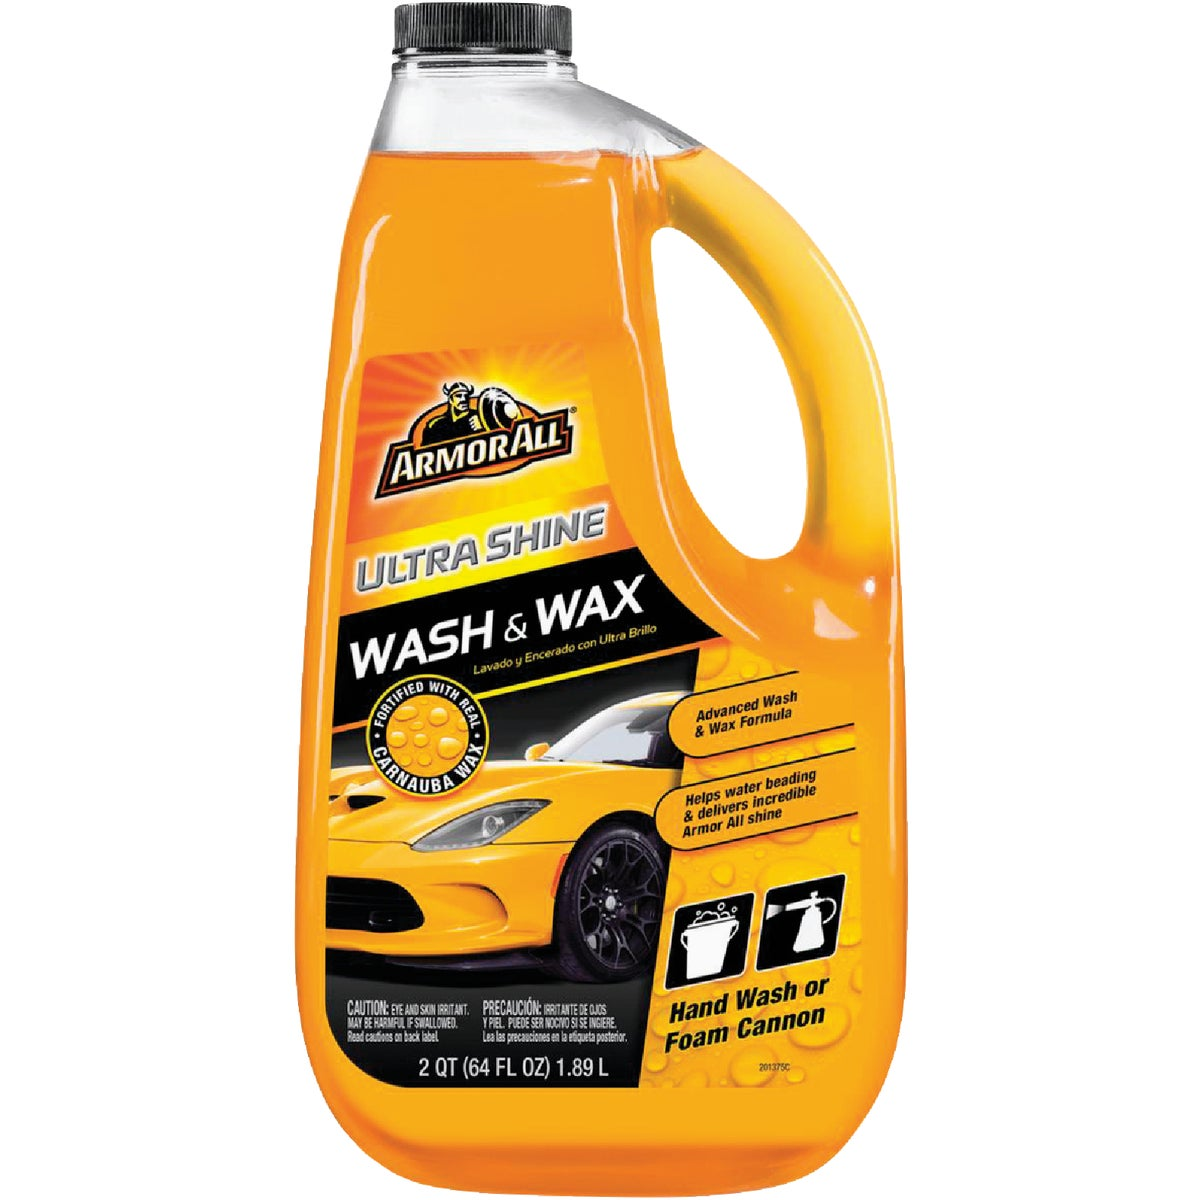 64Oz Armor All Auto Wash